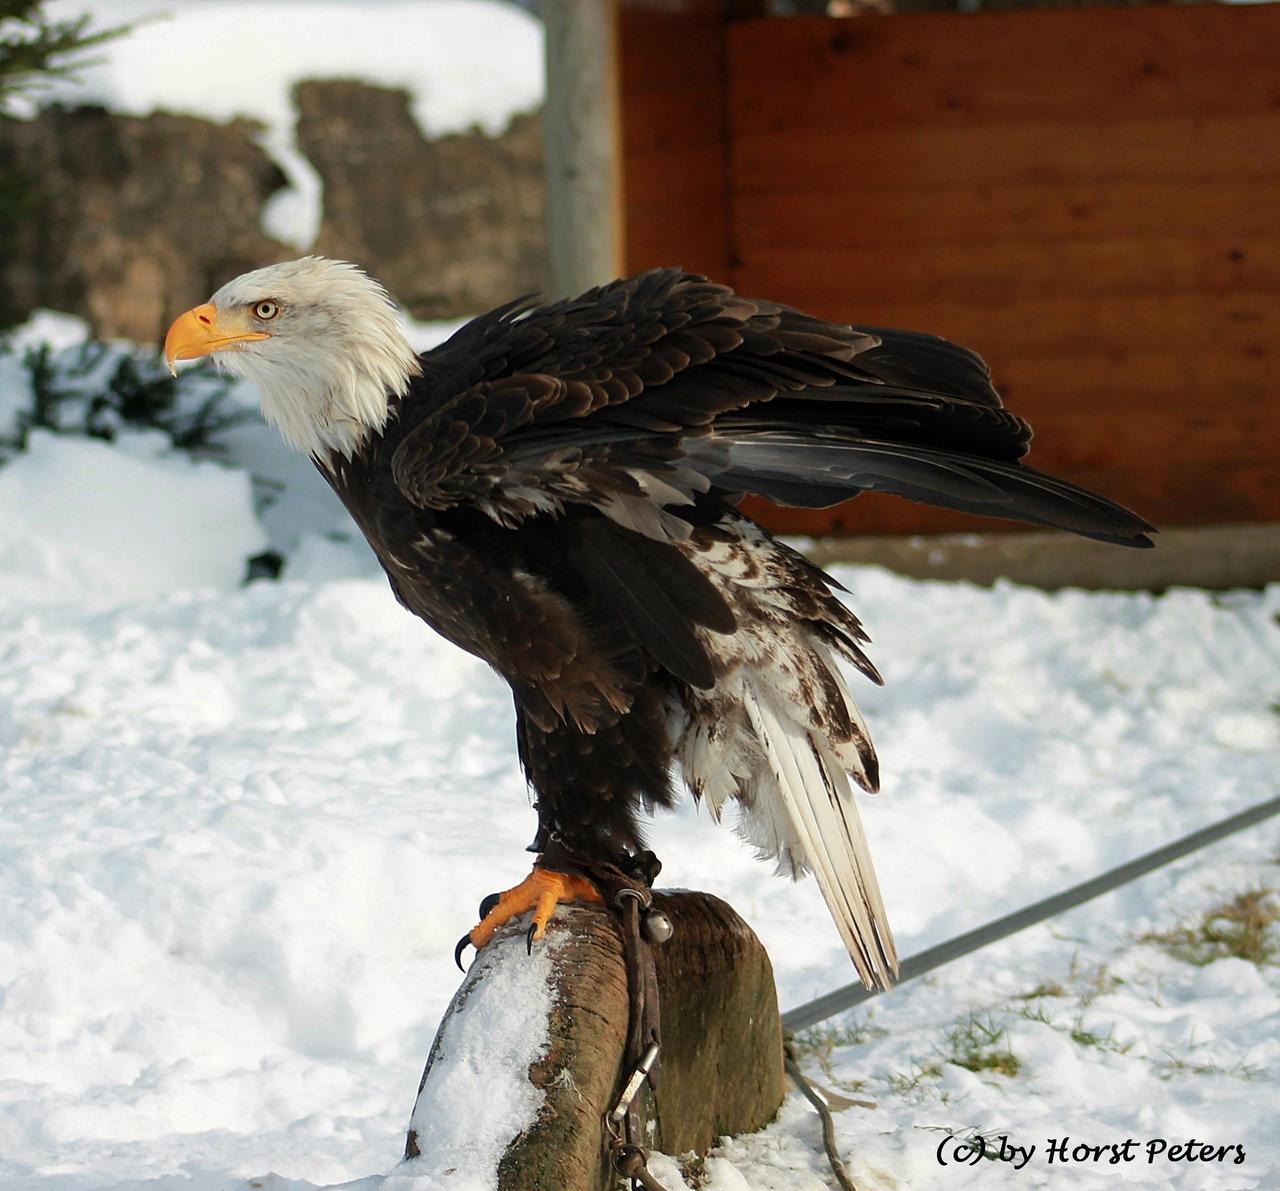 Weisskopfseeadler / Bald Eagle 5 by bluesgrass